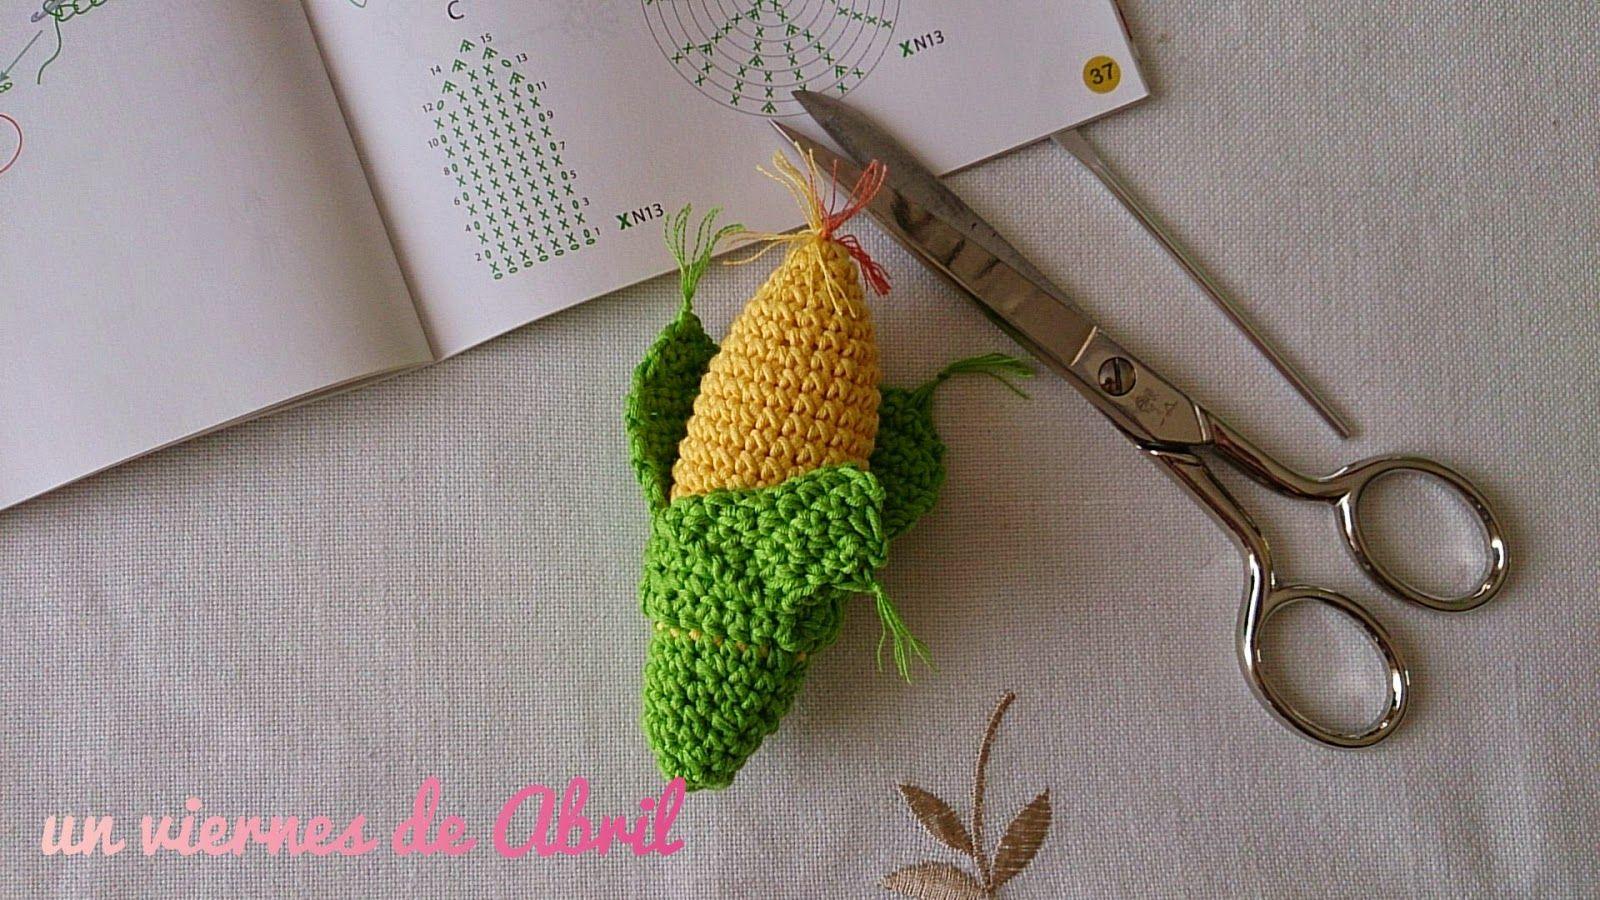 mazorca de maíz. Patrón de http://www.latiendadedmc.com/kit-de-amigurumi-frutas-y-verduras-cr027k-2416.html